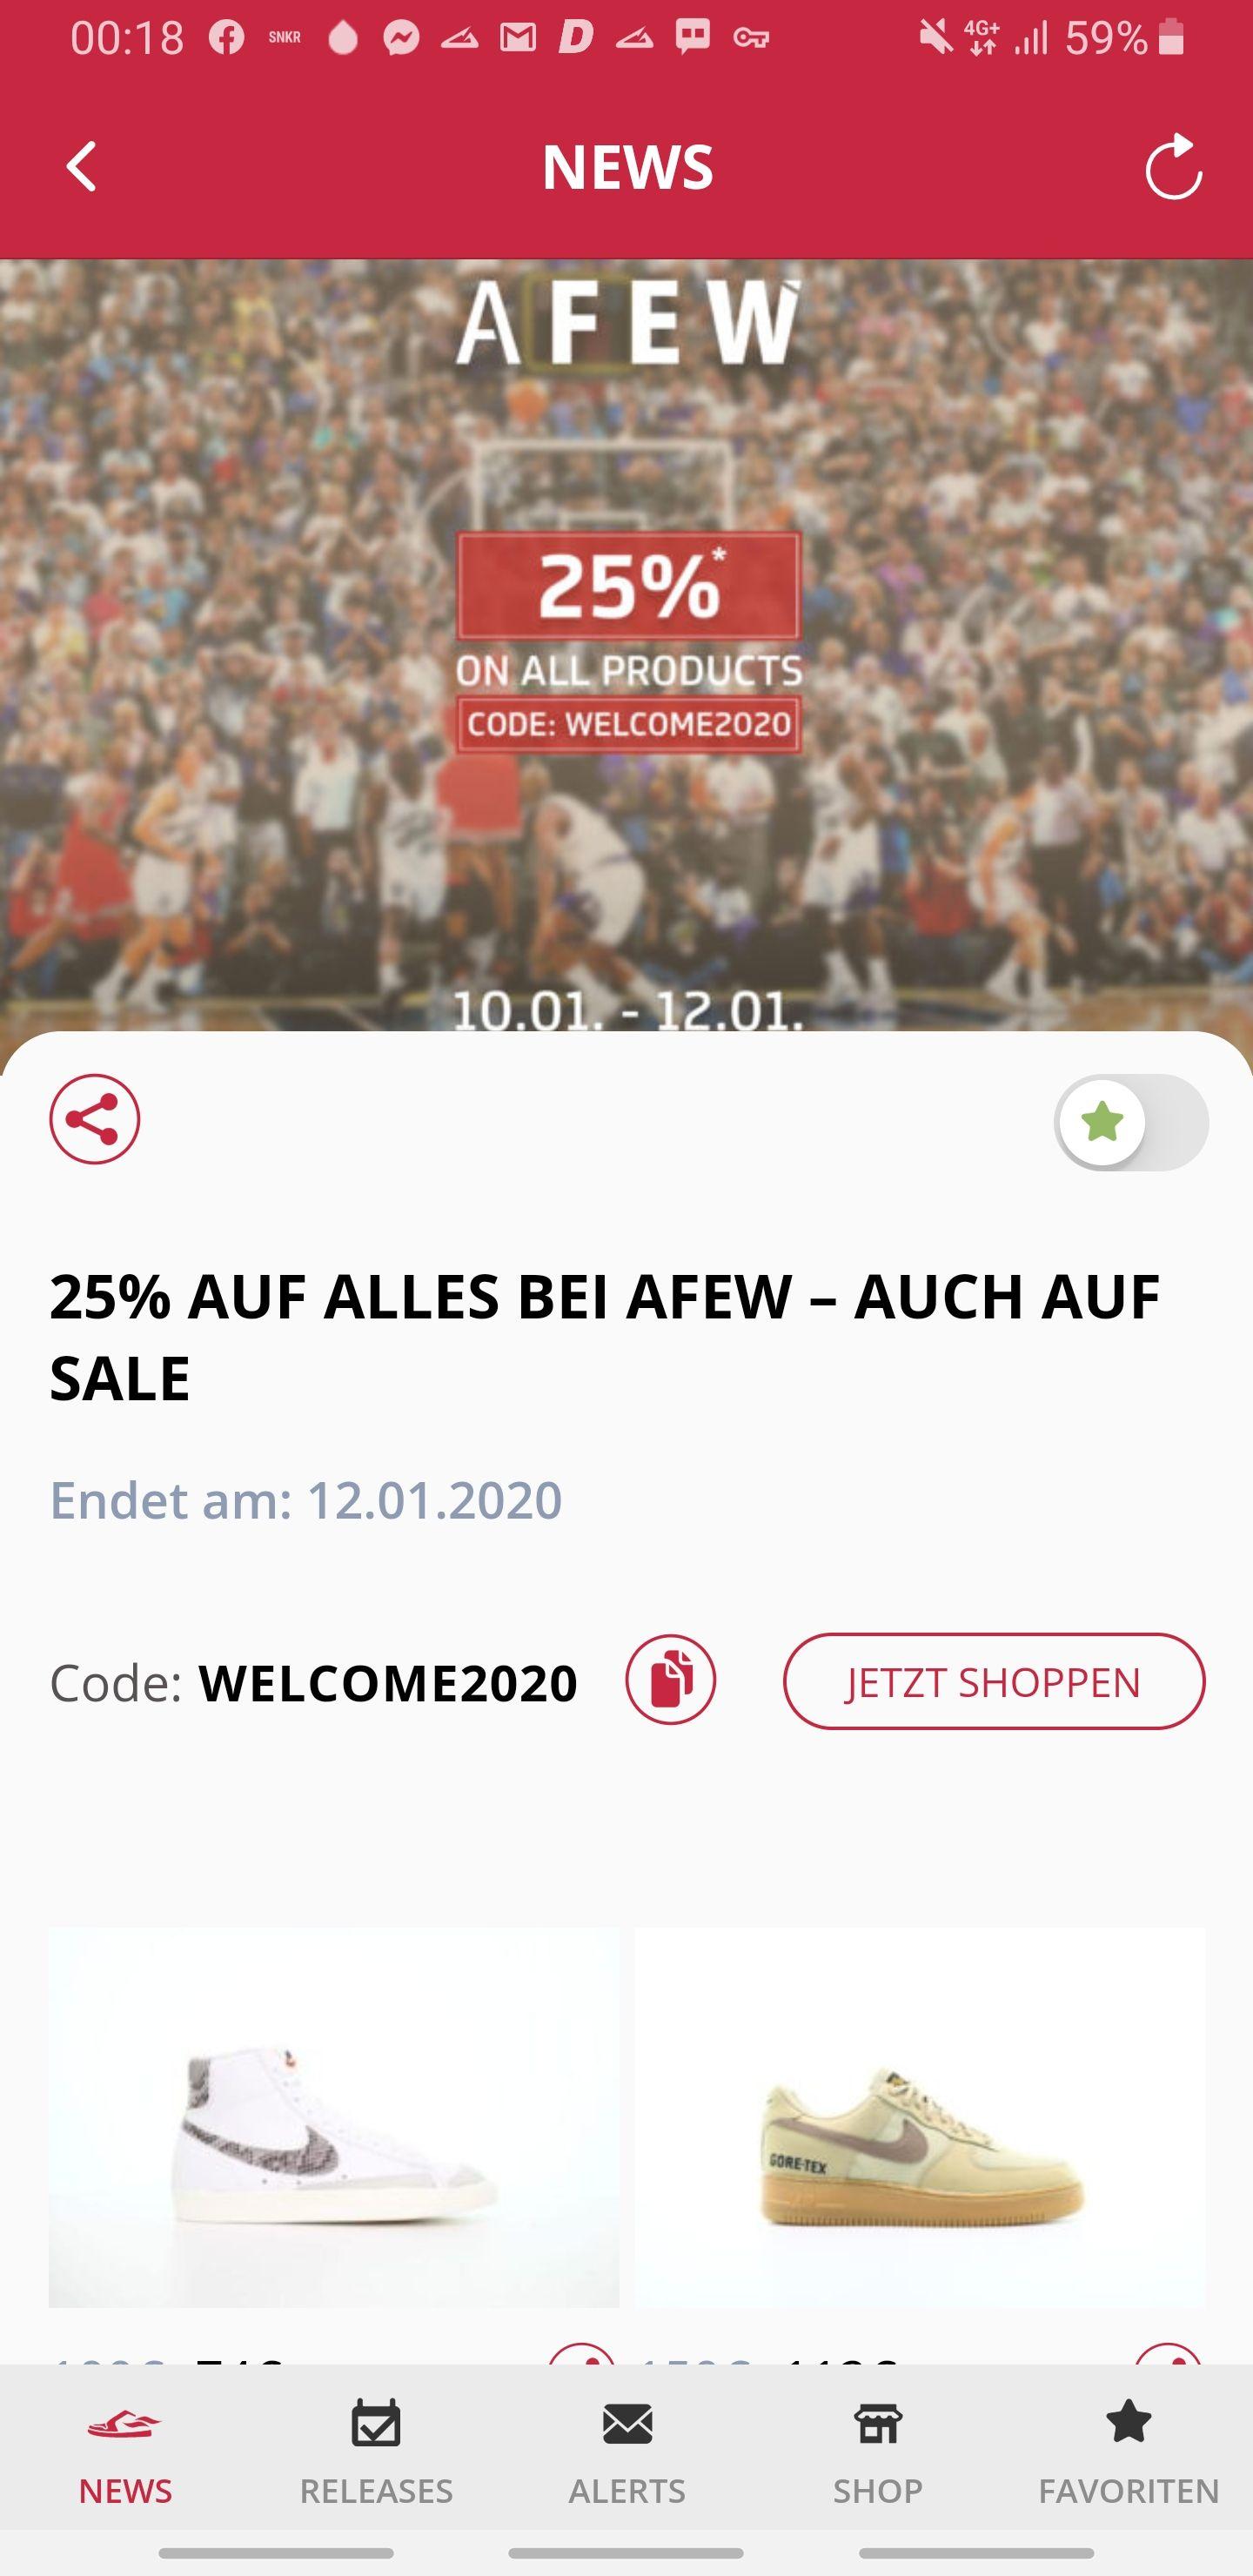 -25% auf alles bei AFEW - Auch auf SALE